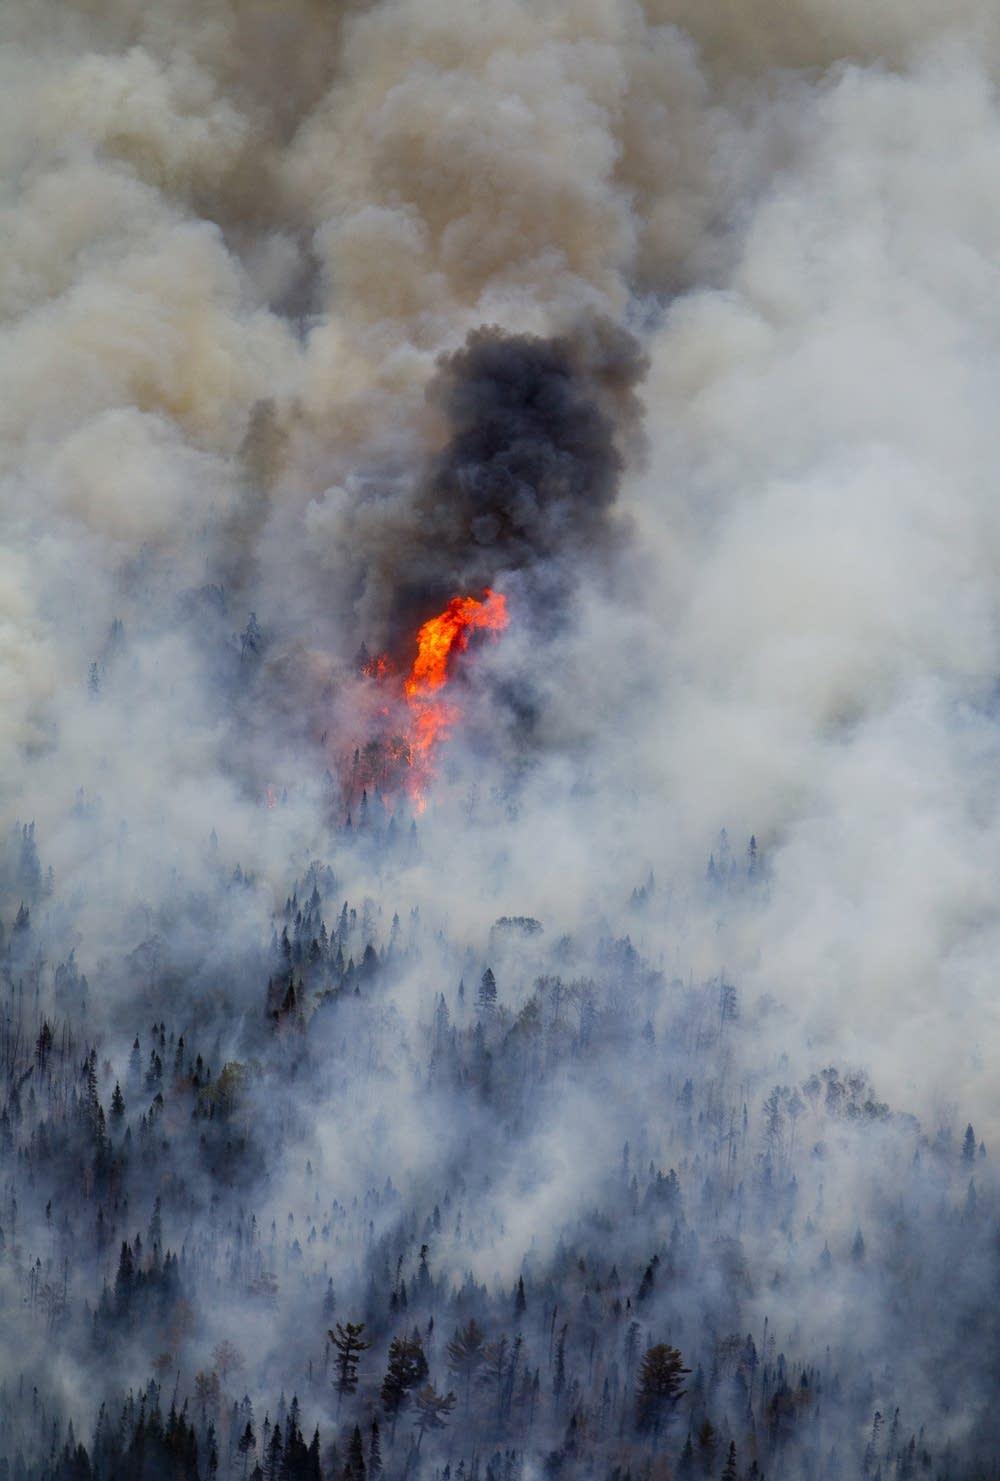 100,000 acres burned